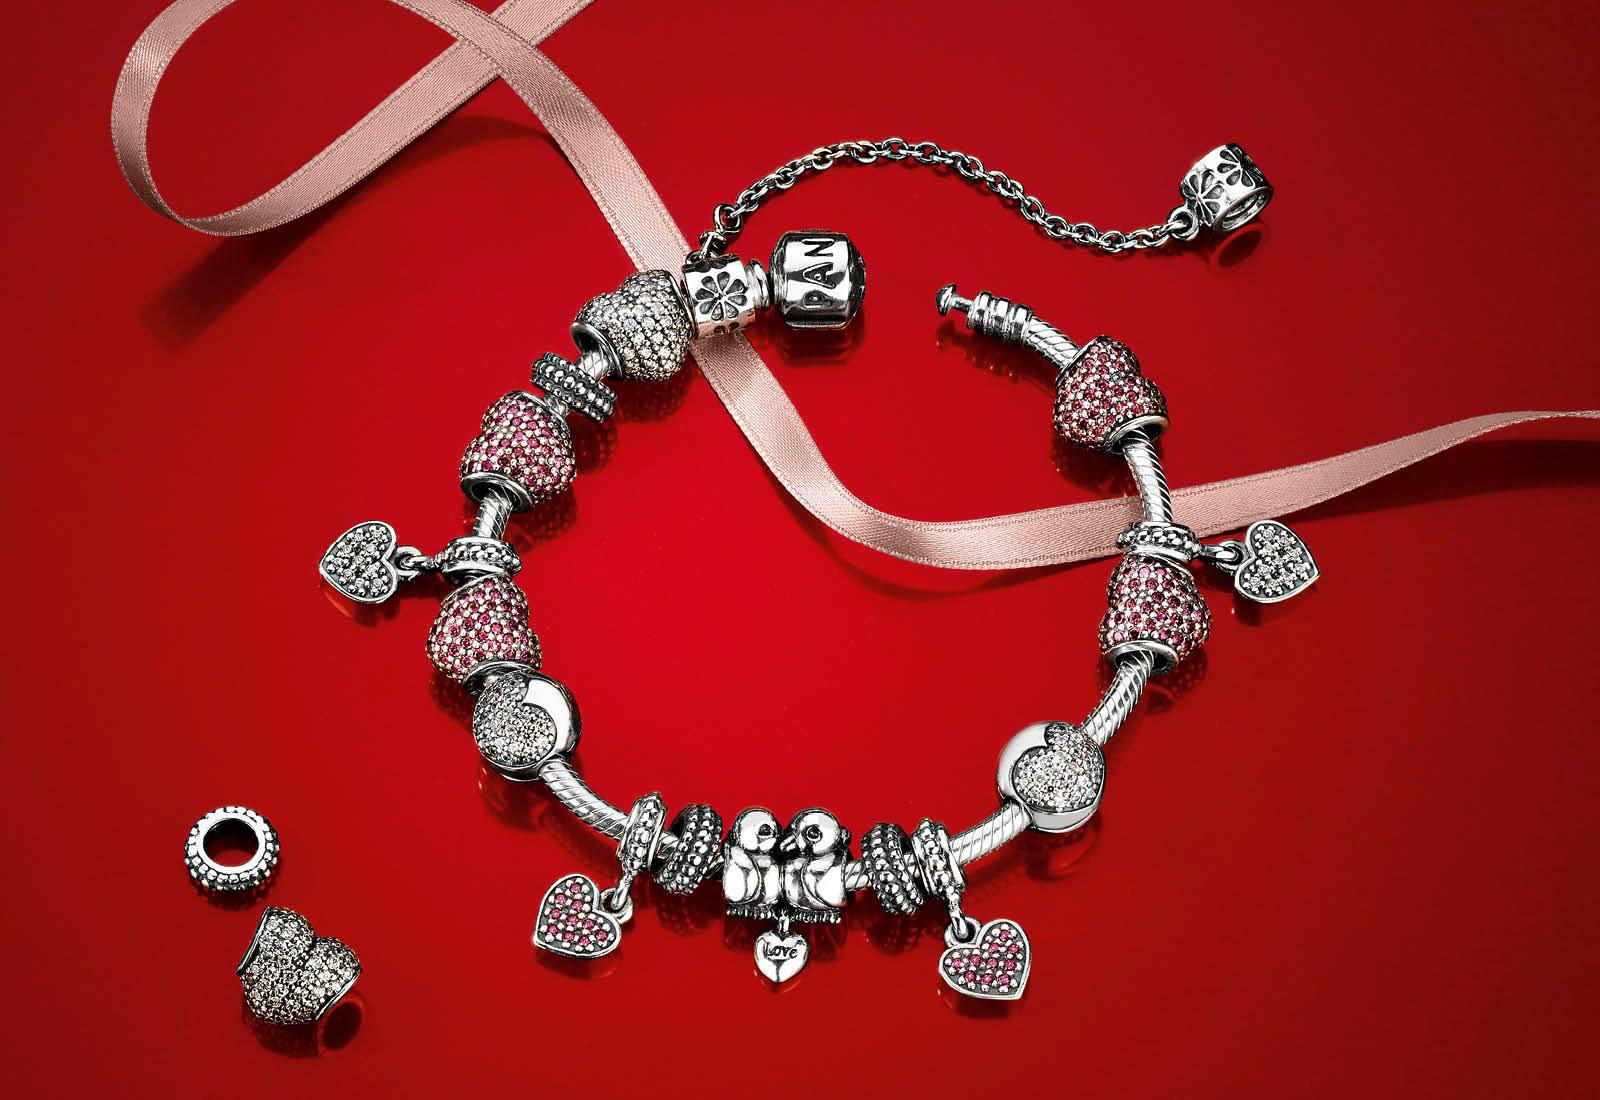 Pandora Valentine's Day 2013 in stock at Perlen!